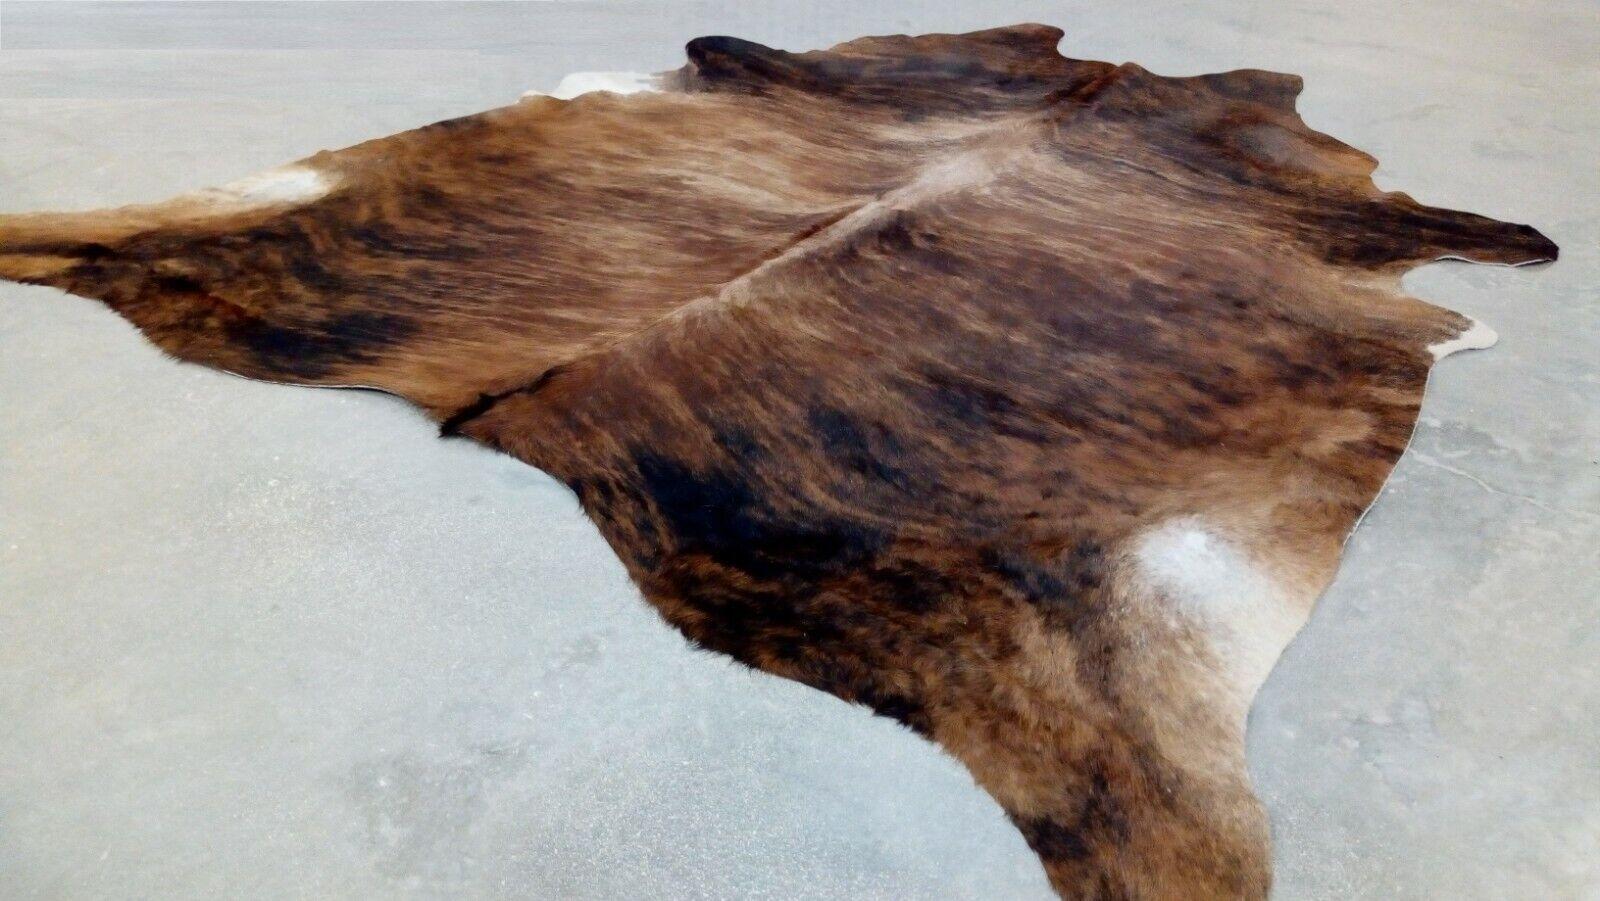 XLARGE BRINDLE braun COWHIDE RUG BRAZILIAN 7'x6' Ft Skin Rug Cow Hide Carpet